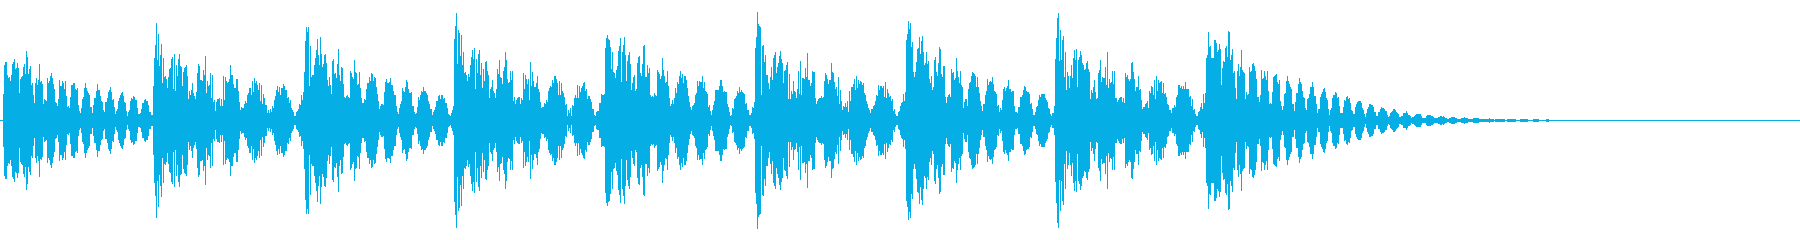 着信音のイメージの再生済みの波形